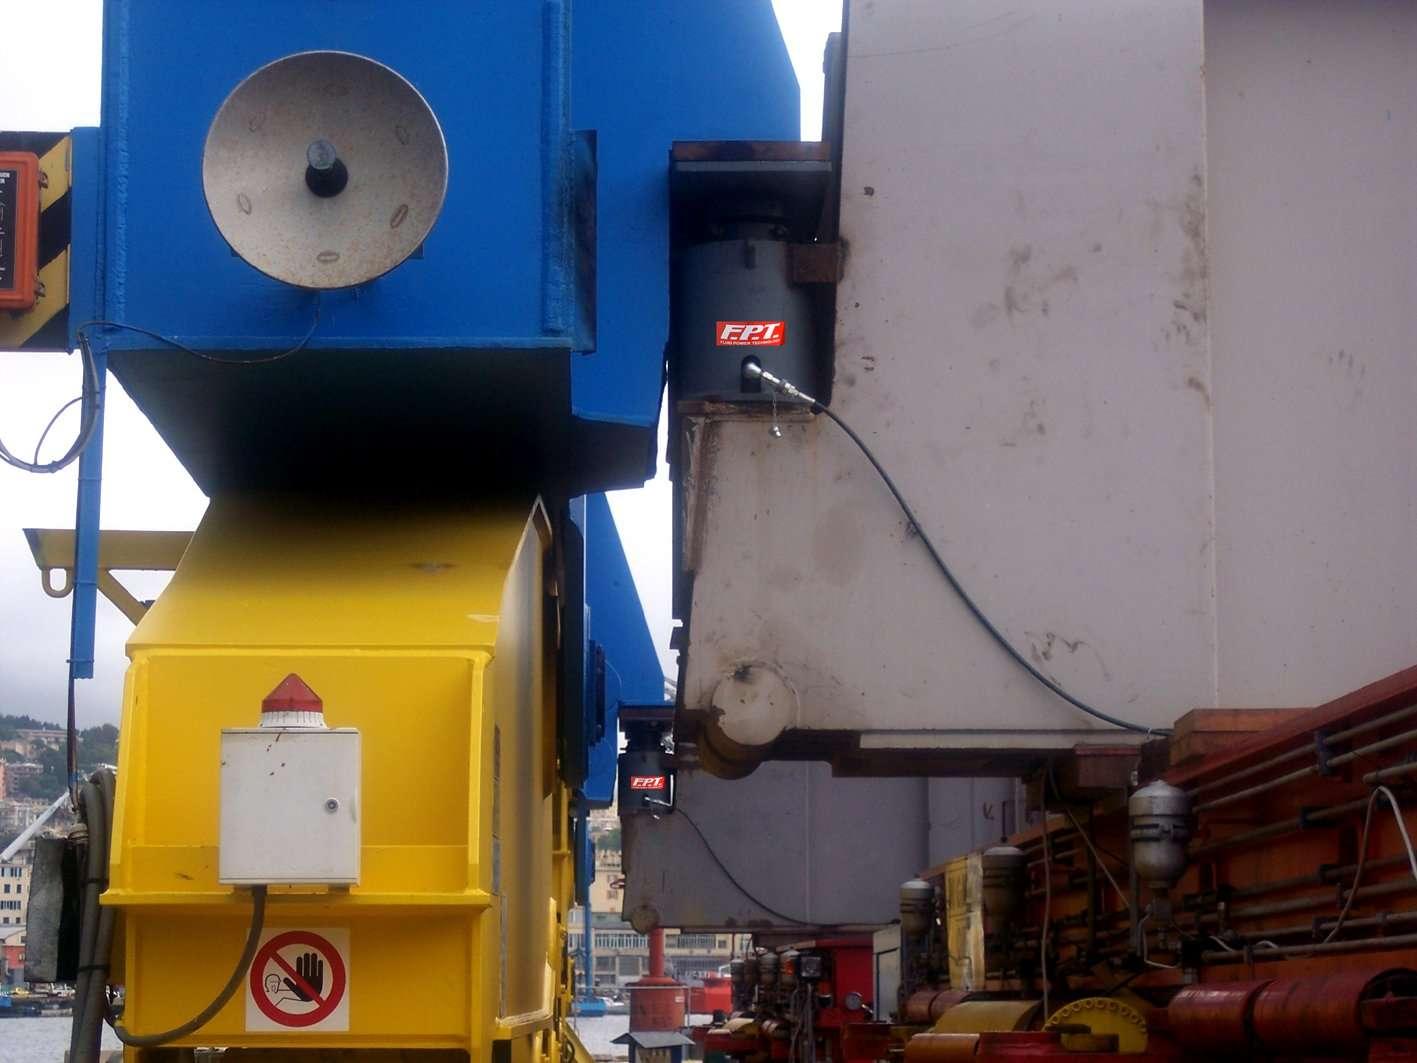 Lifting hydraulic system